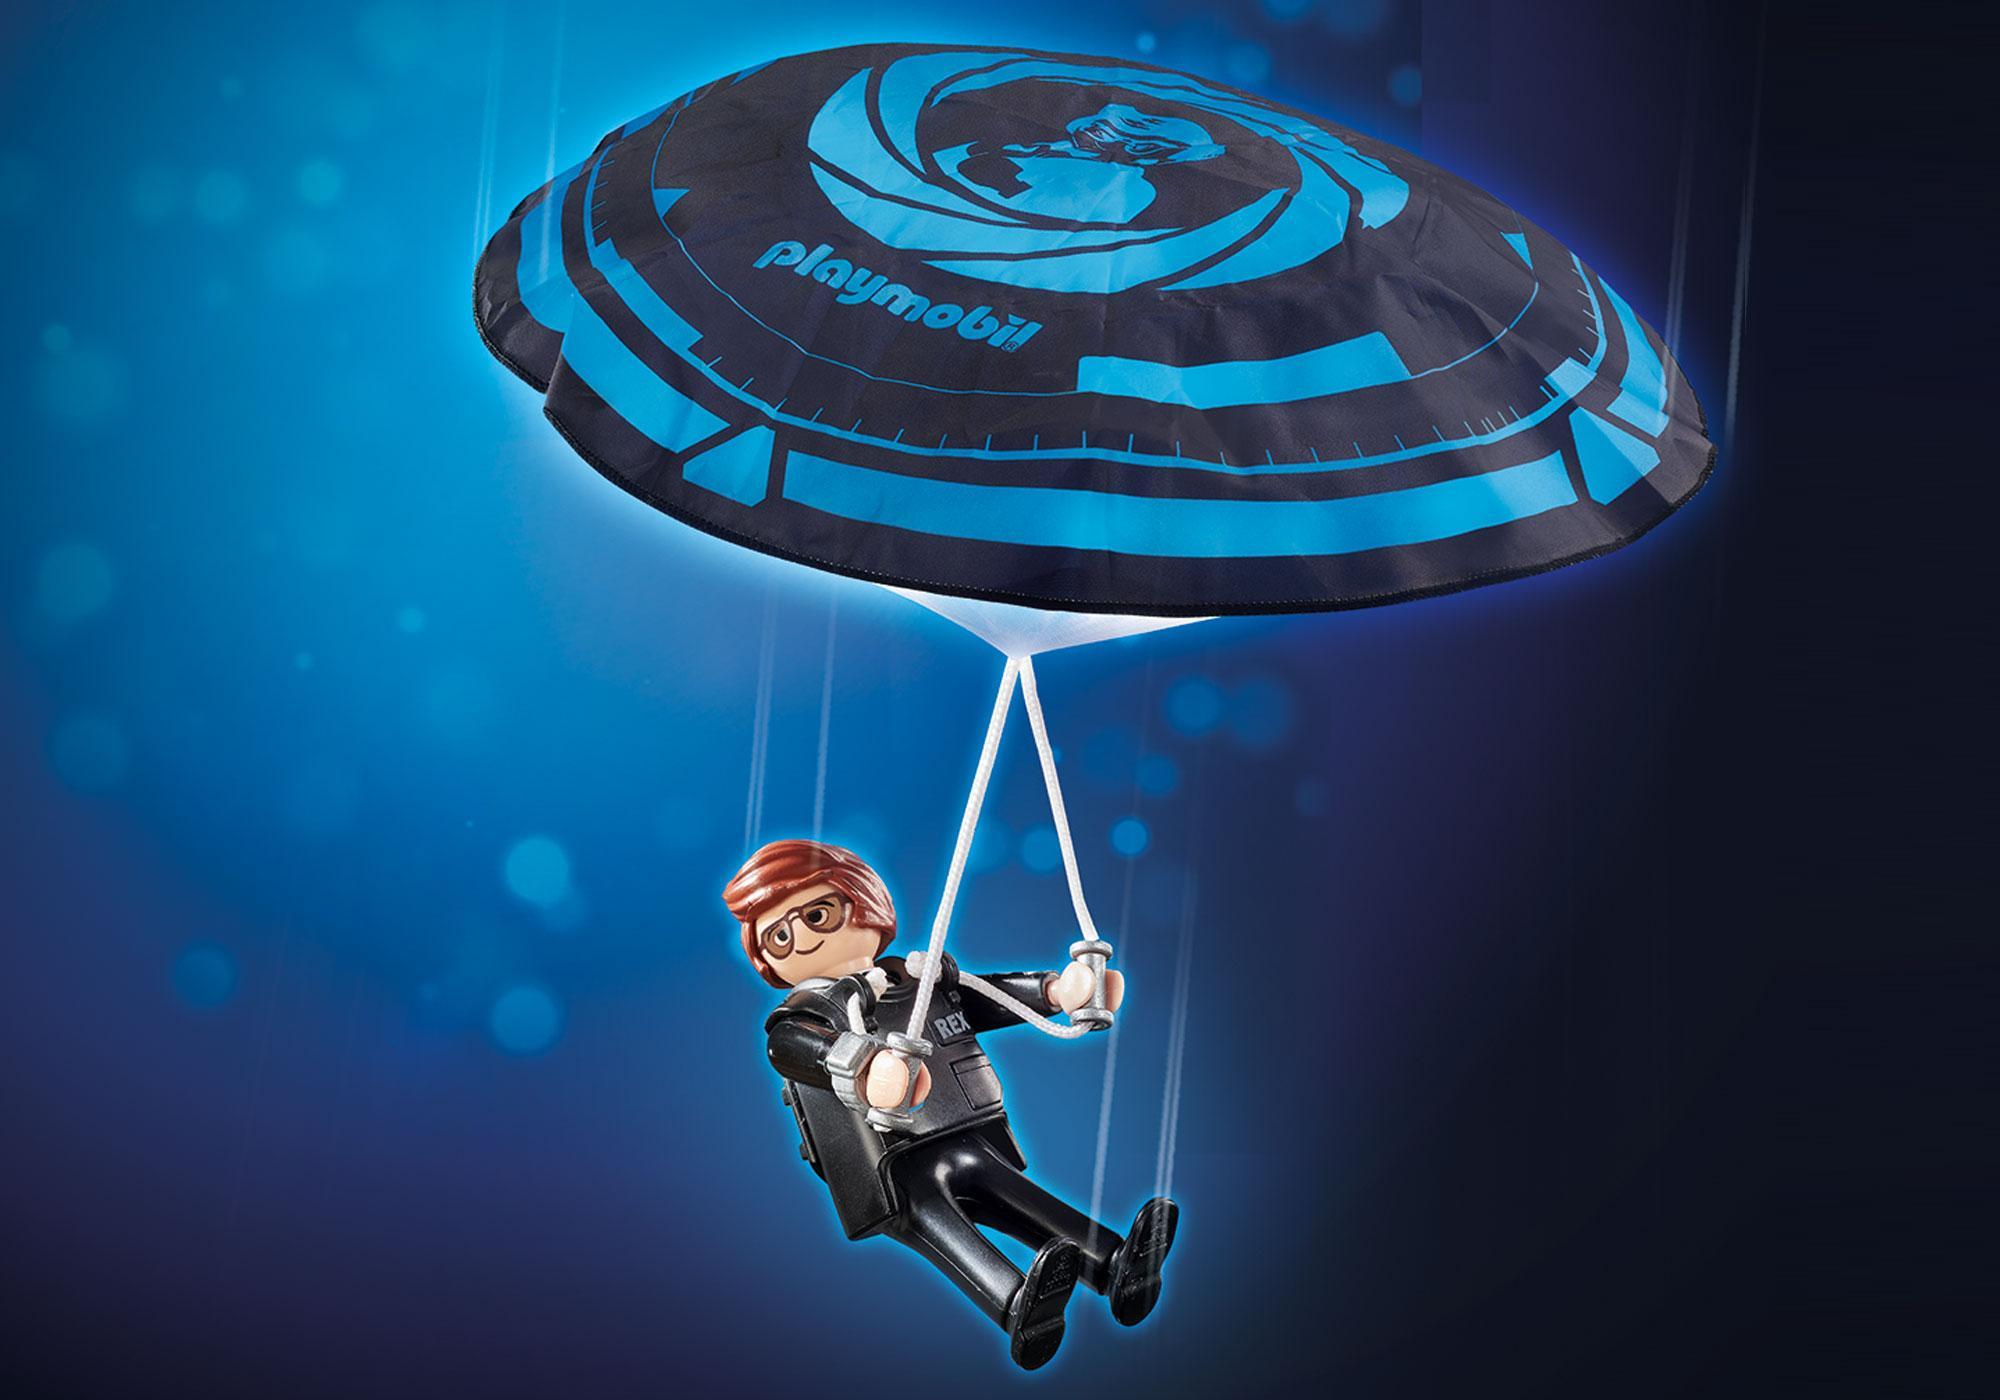 http://media.playmobil.com/i/playmobil/70070_product_detail/PLAYMOBIL: THE MOVIE Rex Dasher com Paraquedas